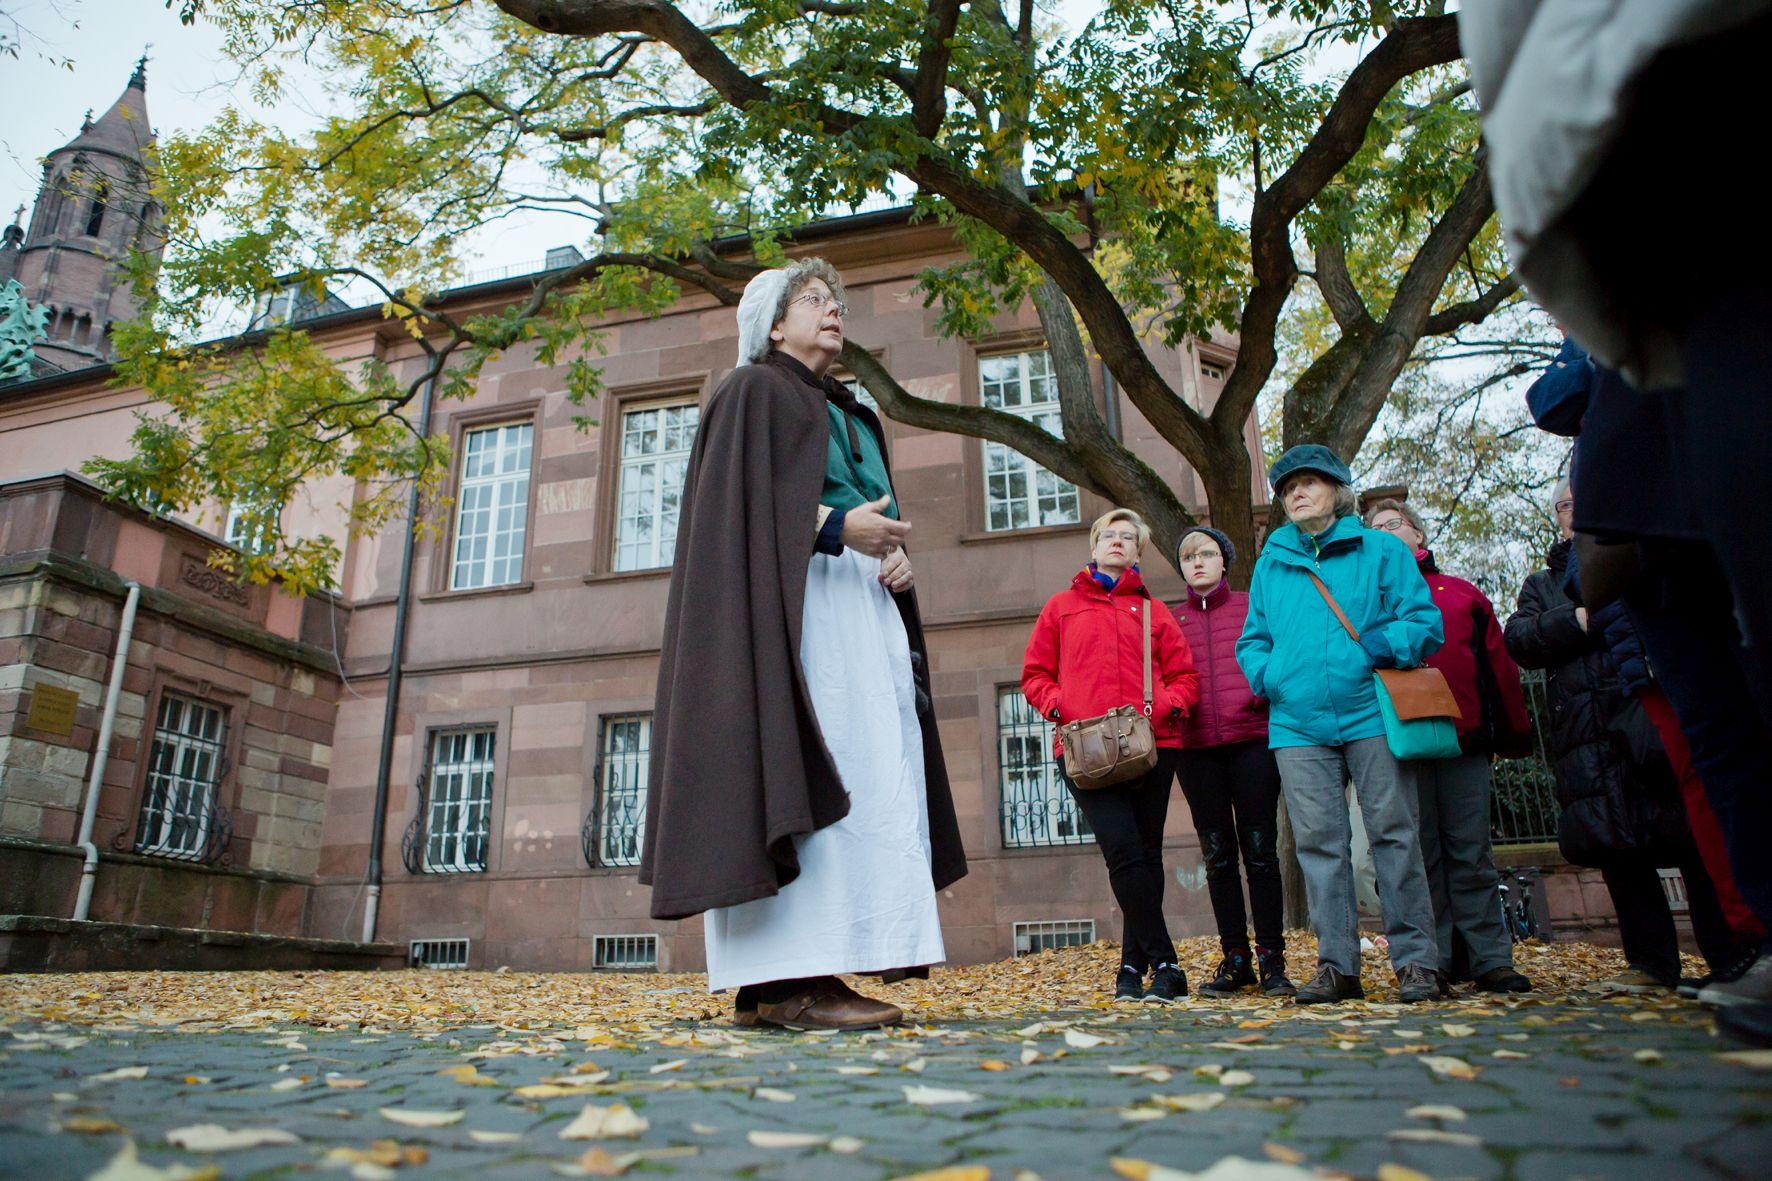 Führung zu Martin Luther in Worms, Rheinhessen